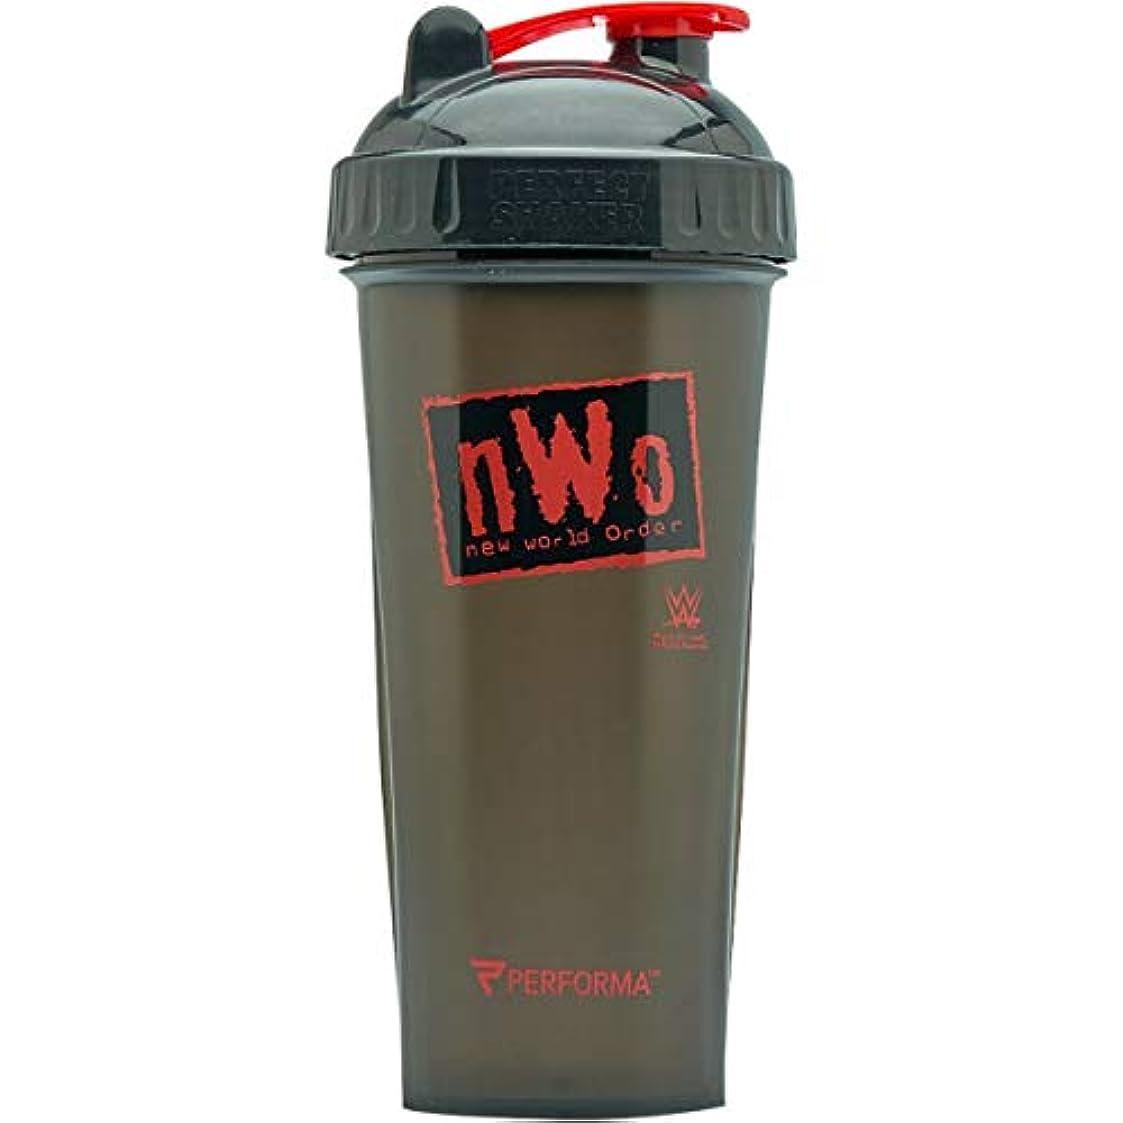 宴会パンブランドBOT-1 ボトル シェイカー プロテイン 水筒 筋トレ ジム ブレンダ― ミキサー WWE WWF 800ml (BOT-6)